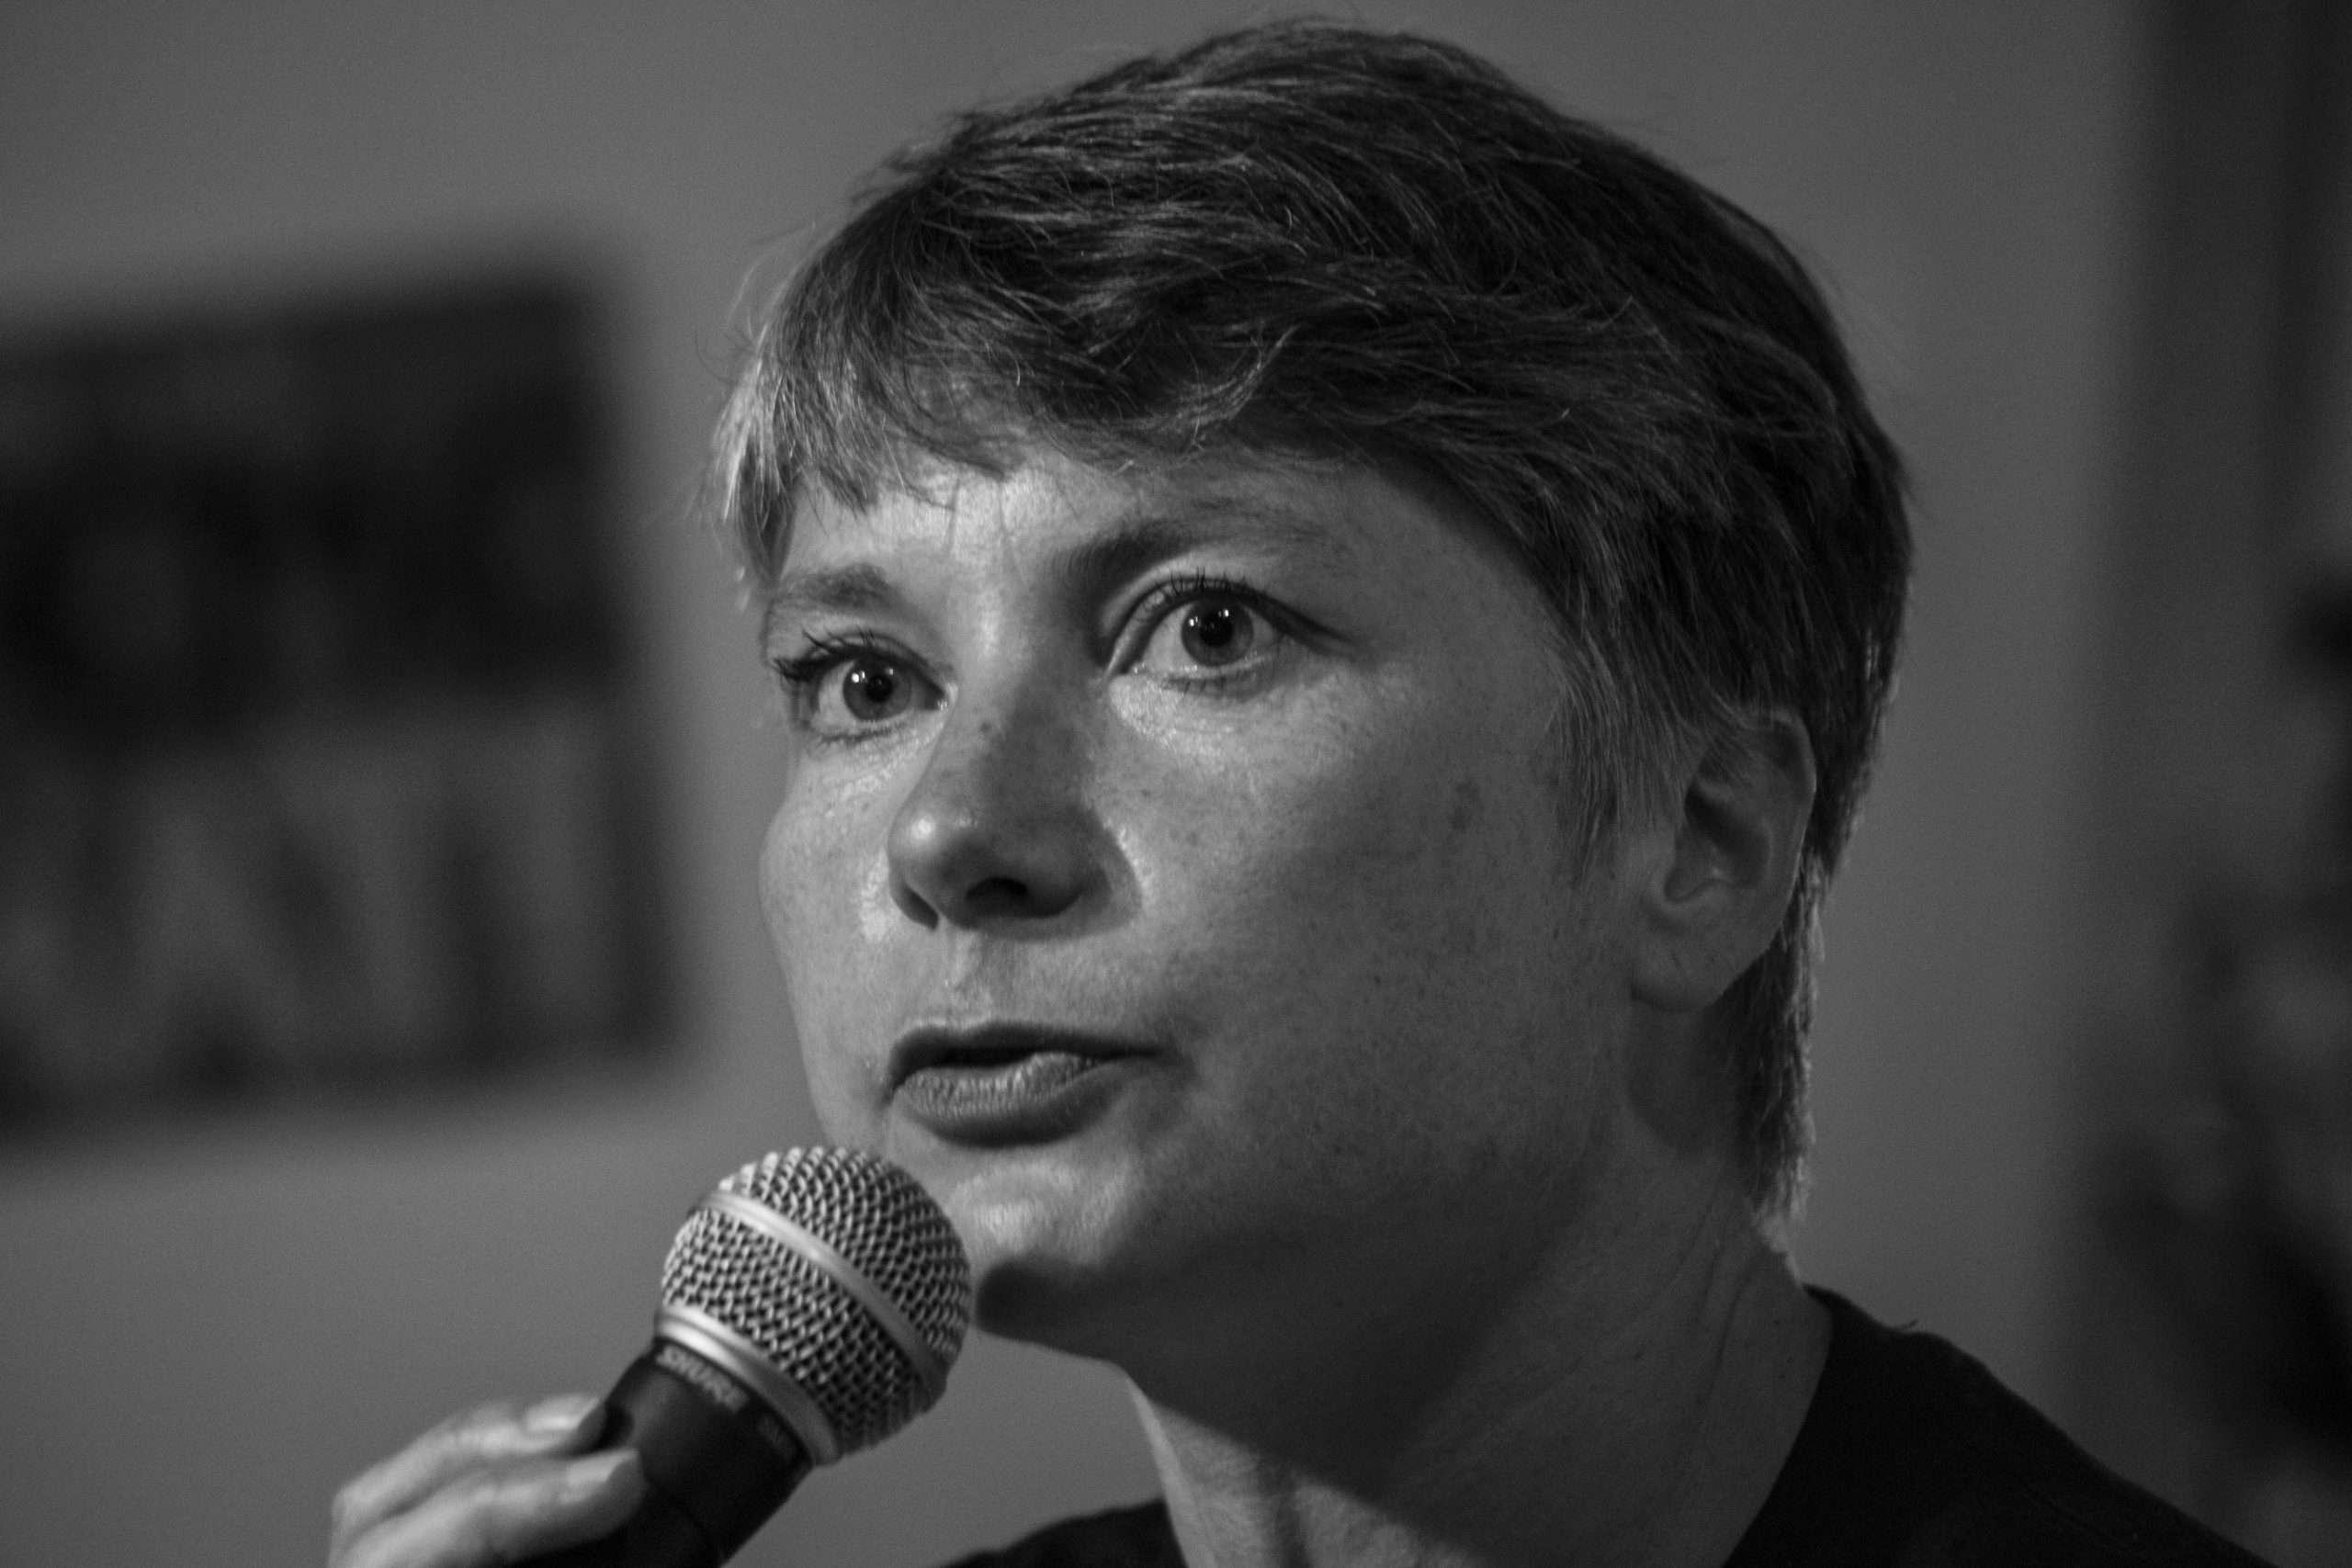 Jade Lindgaard Conférence La Base Alternatiba Collectif Adama Paris 2020 @Martin Lelievre pour Radio Parleur_15